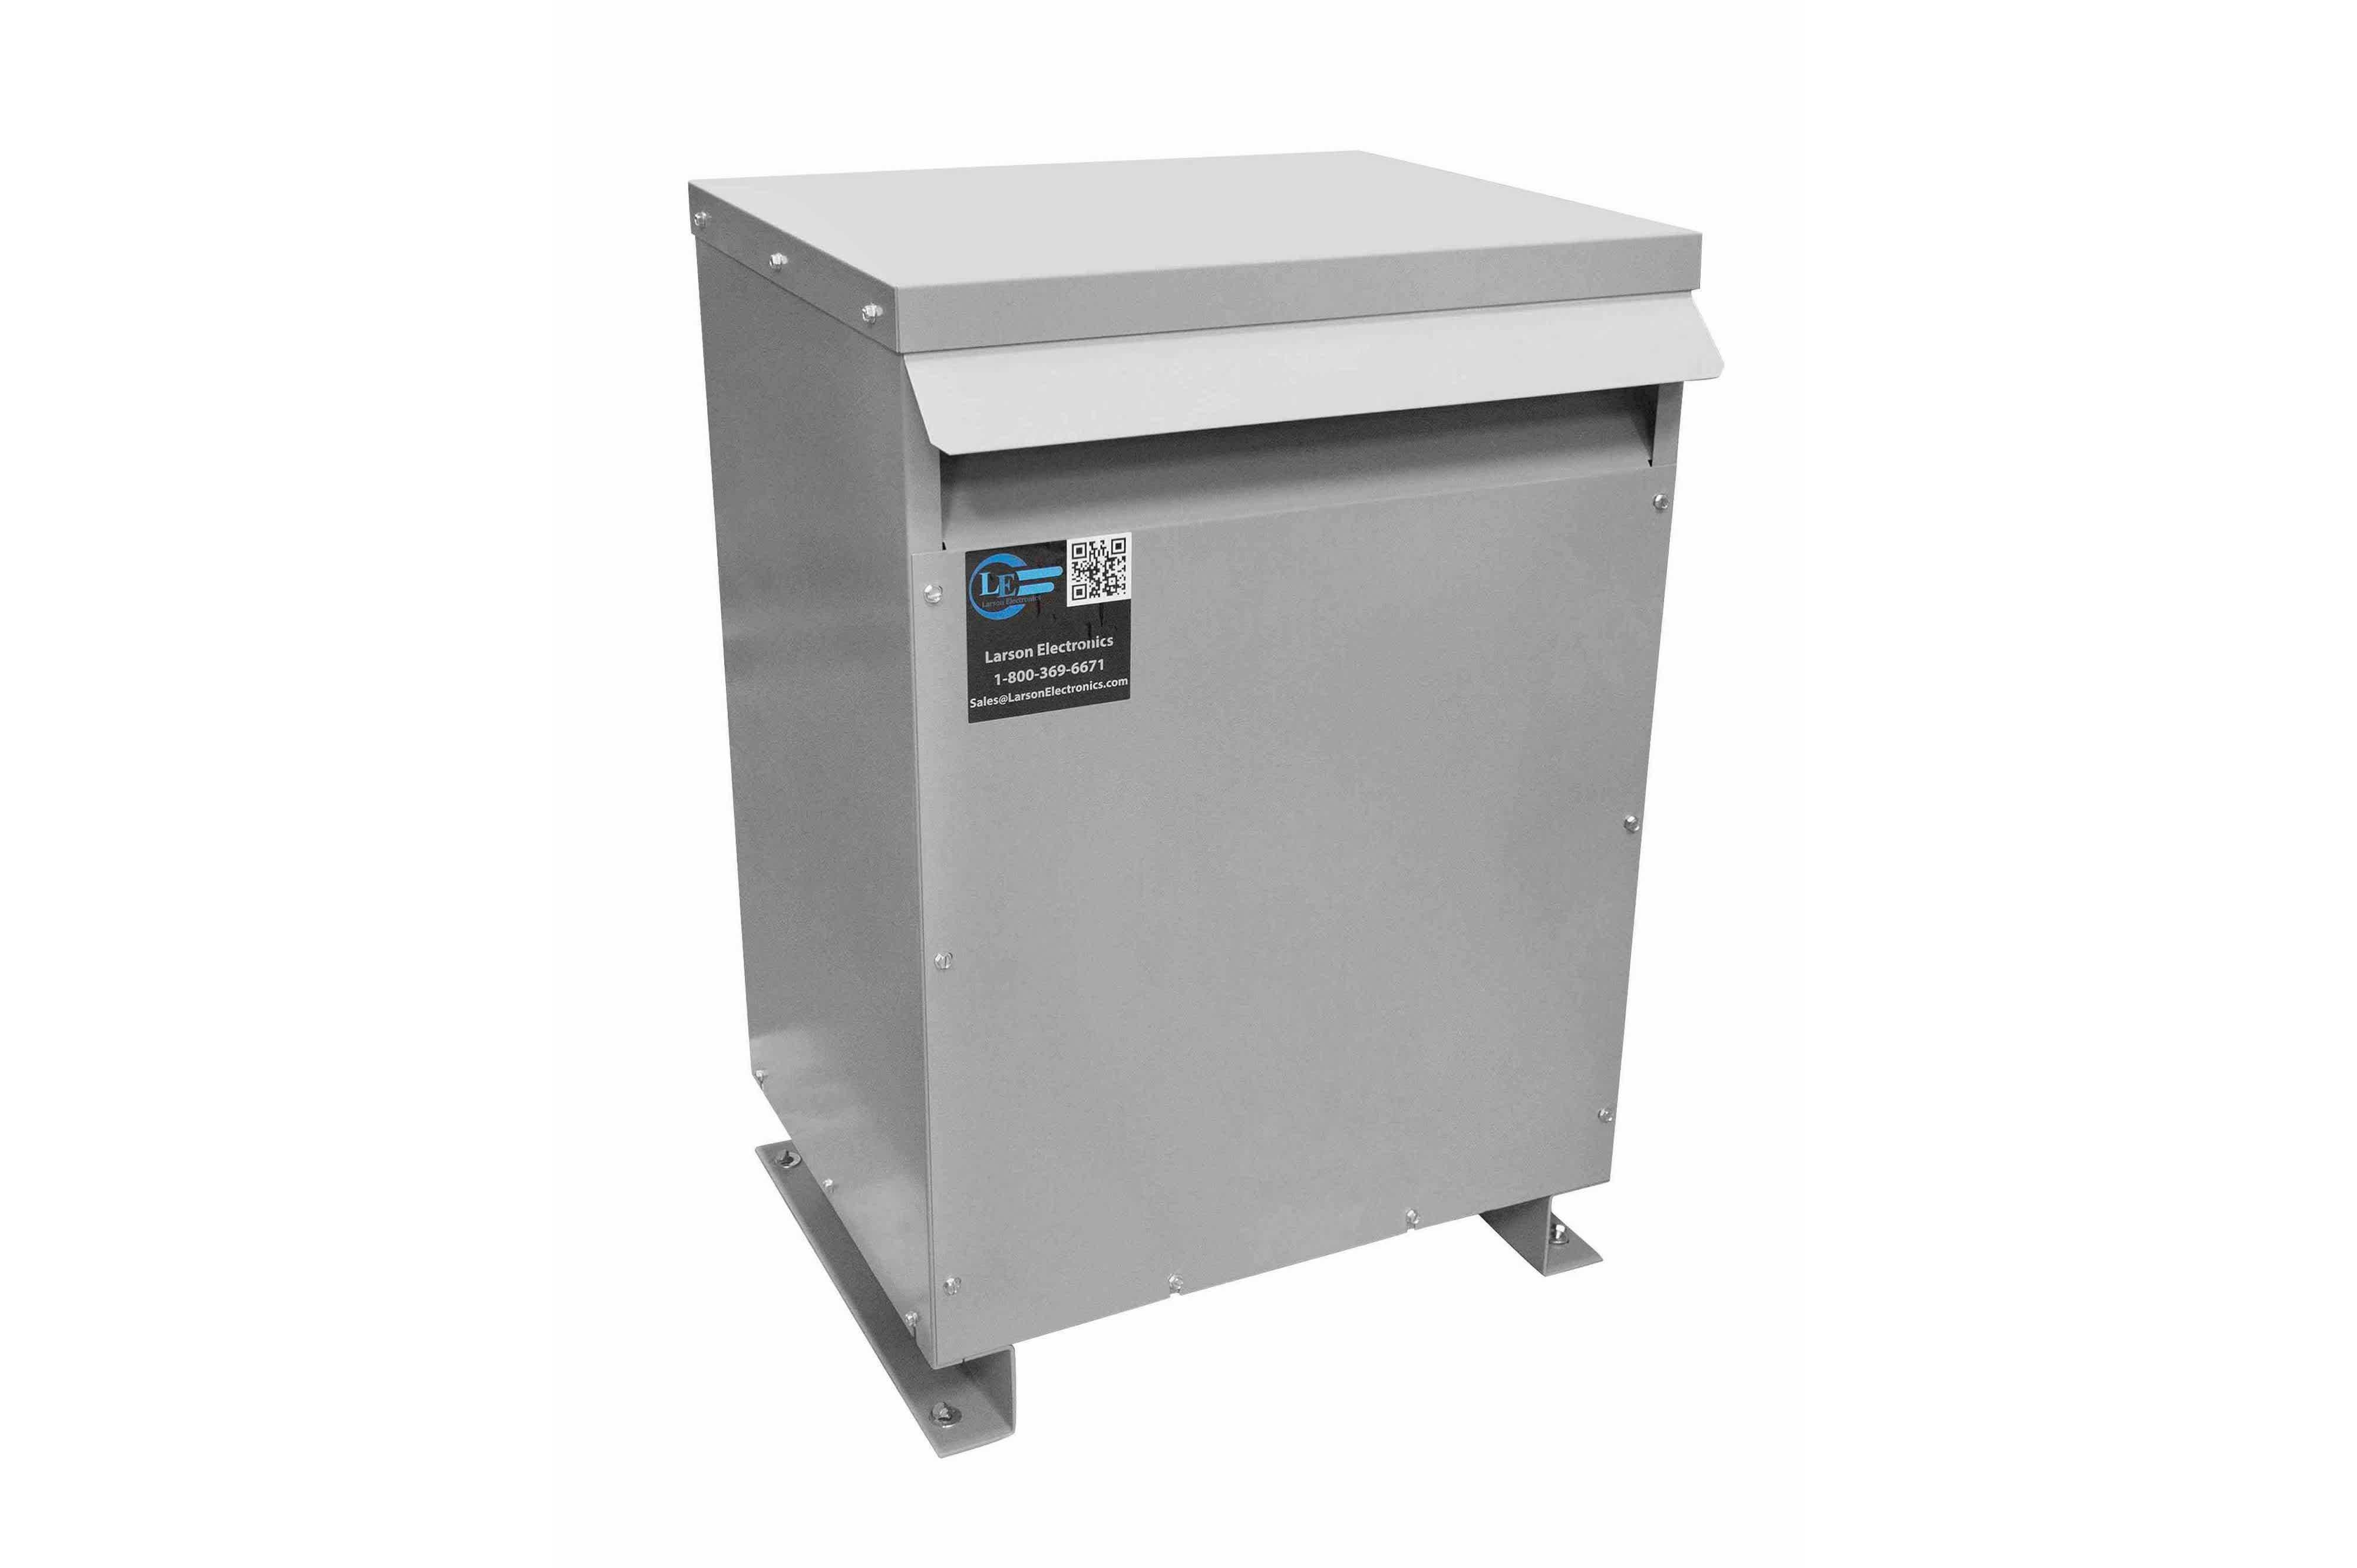 167 kVA 3PH Isolation Transformer, 400V Delta Primary, 480V Delta Secondary, N3R, Ventilated, 60 Hz